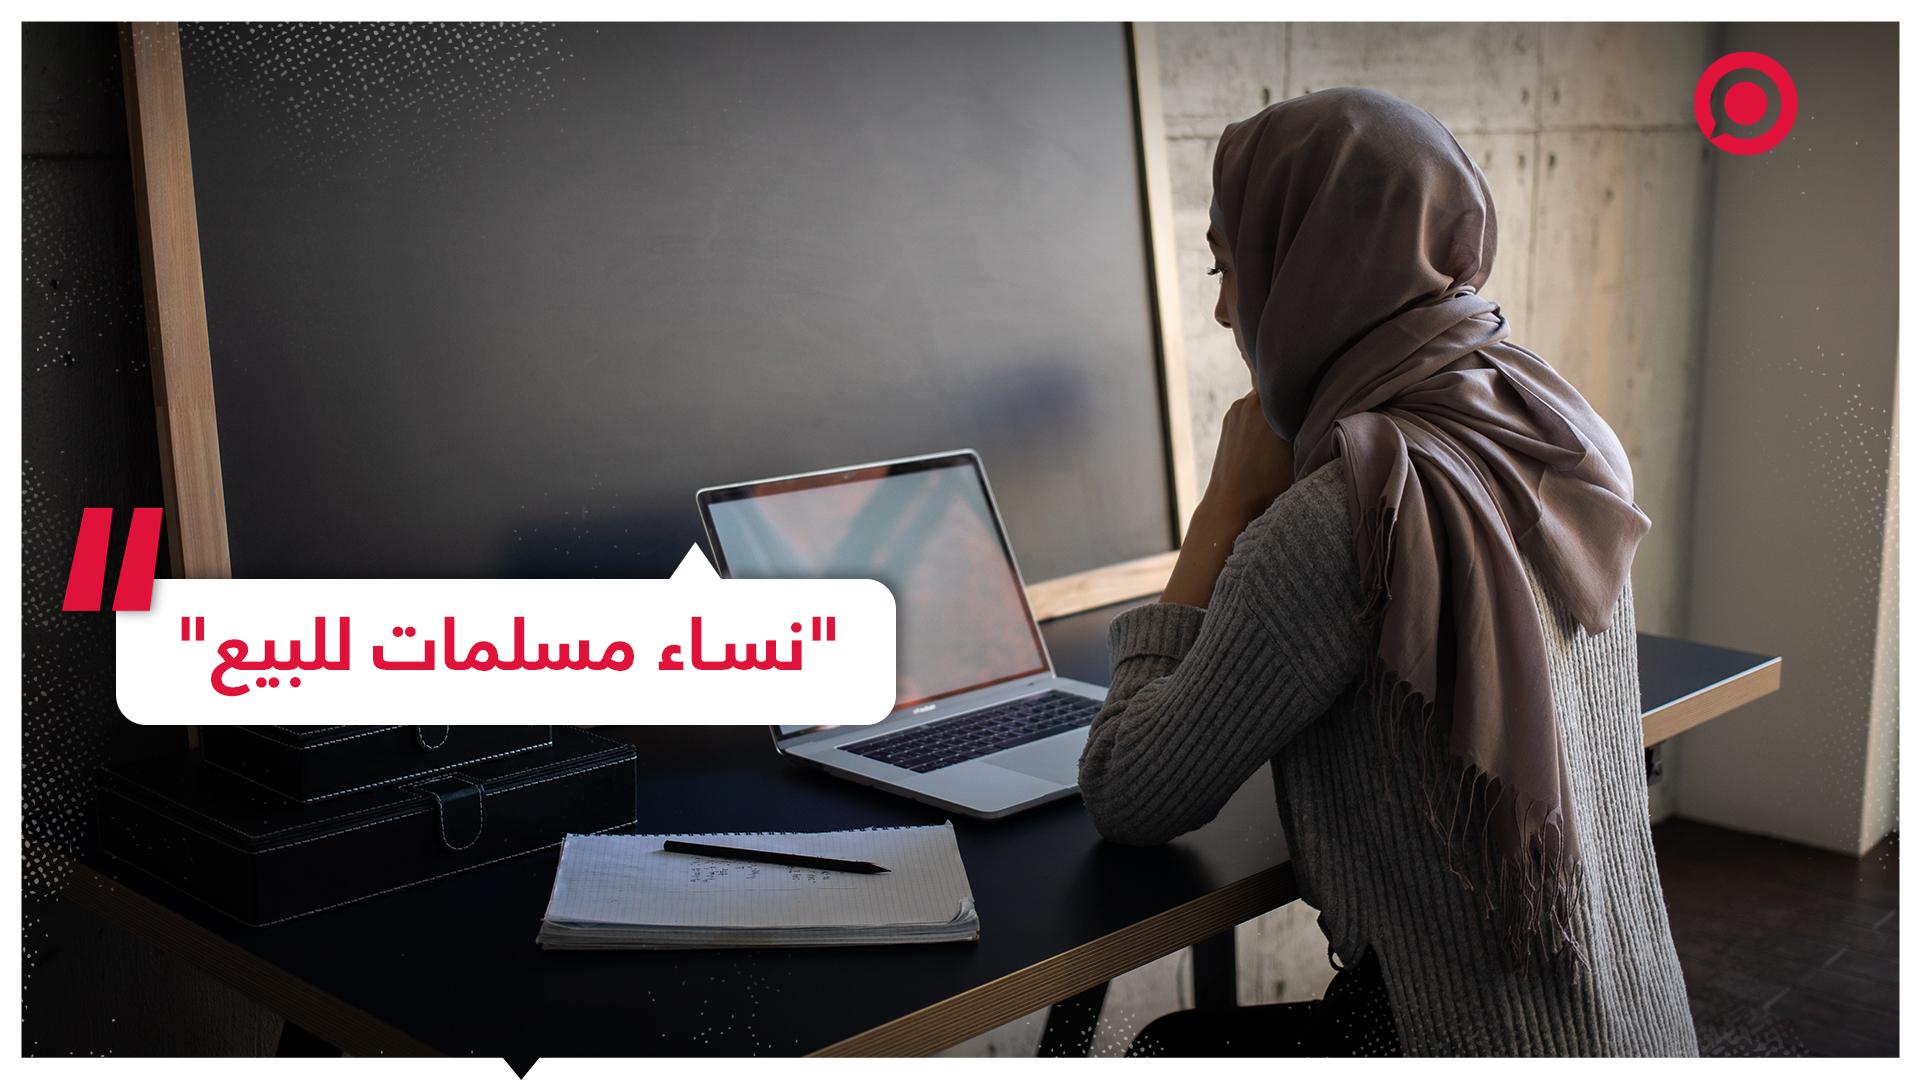 تطبيق بيع النساء المسلمات للاندرويد